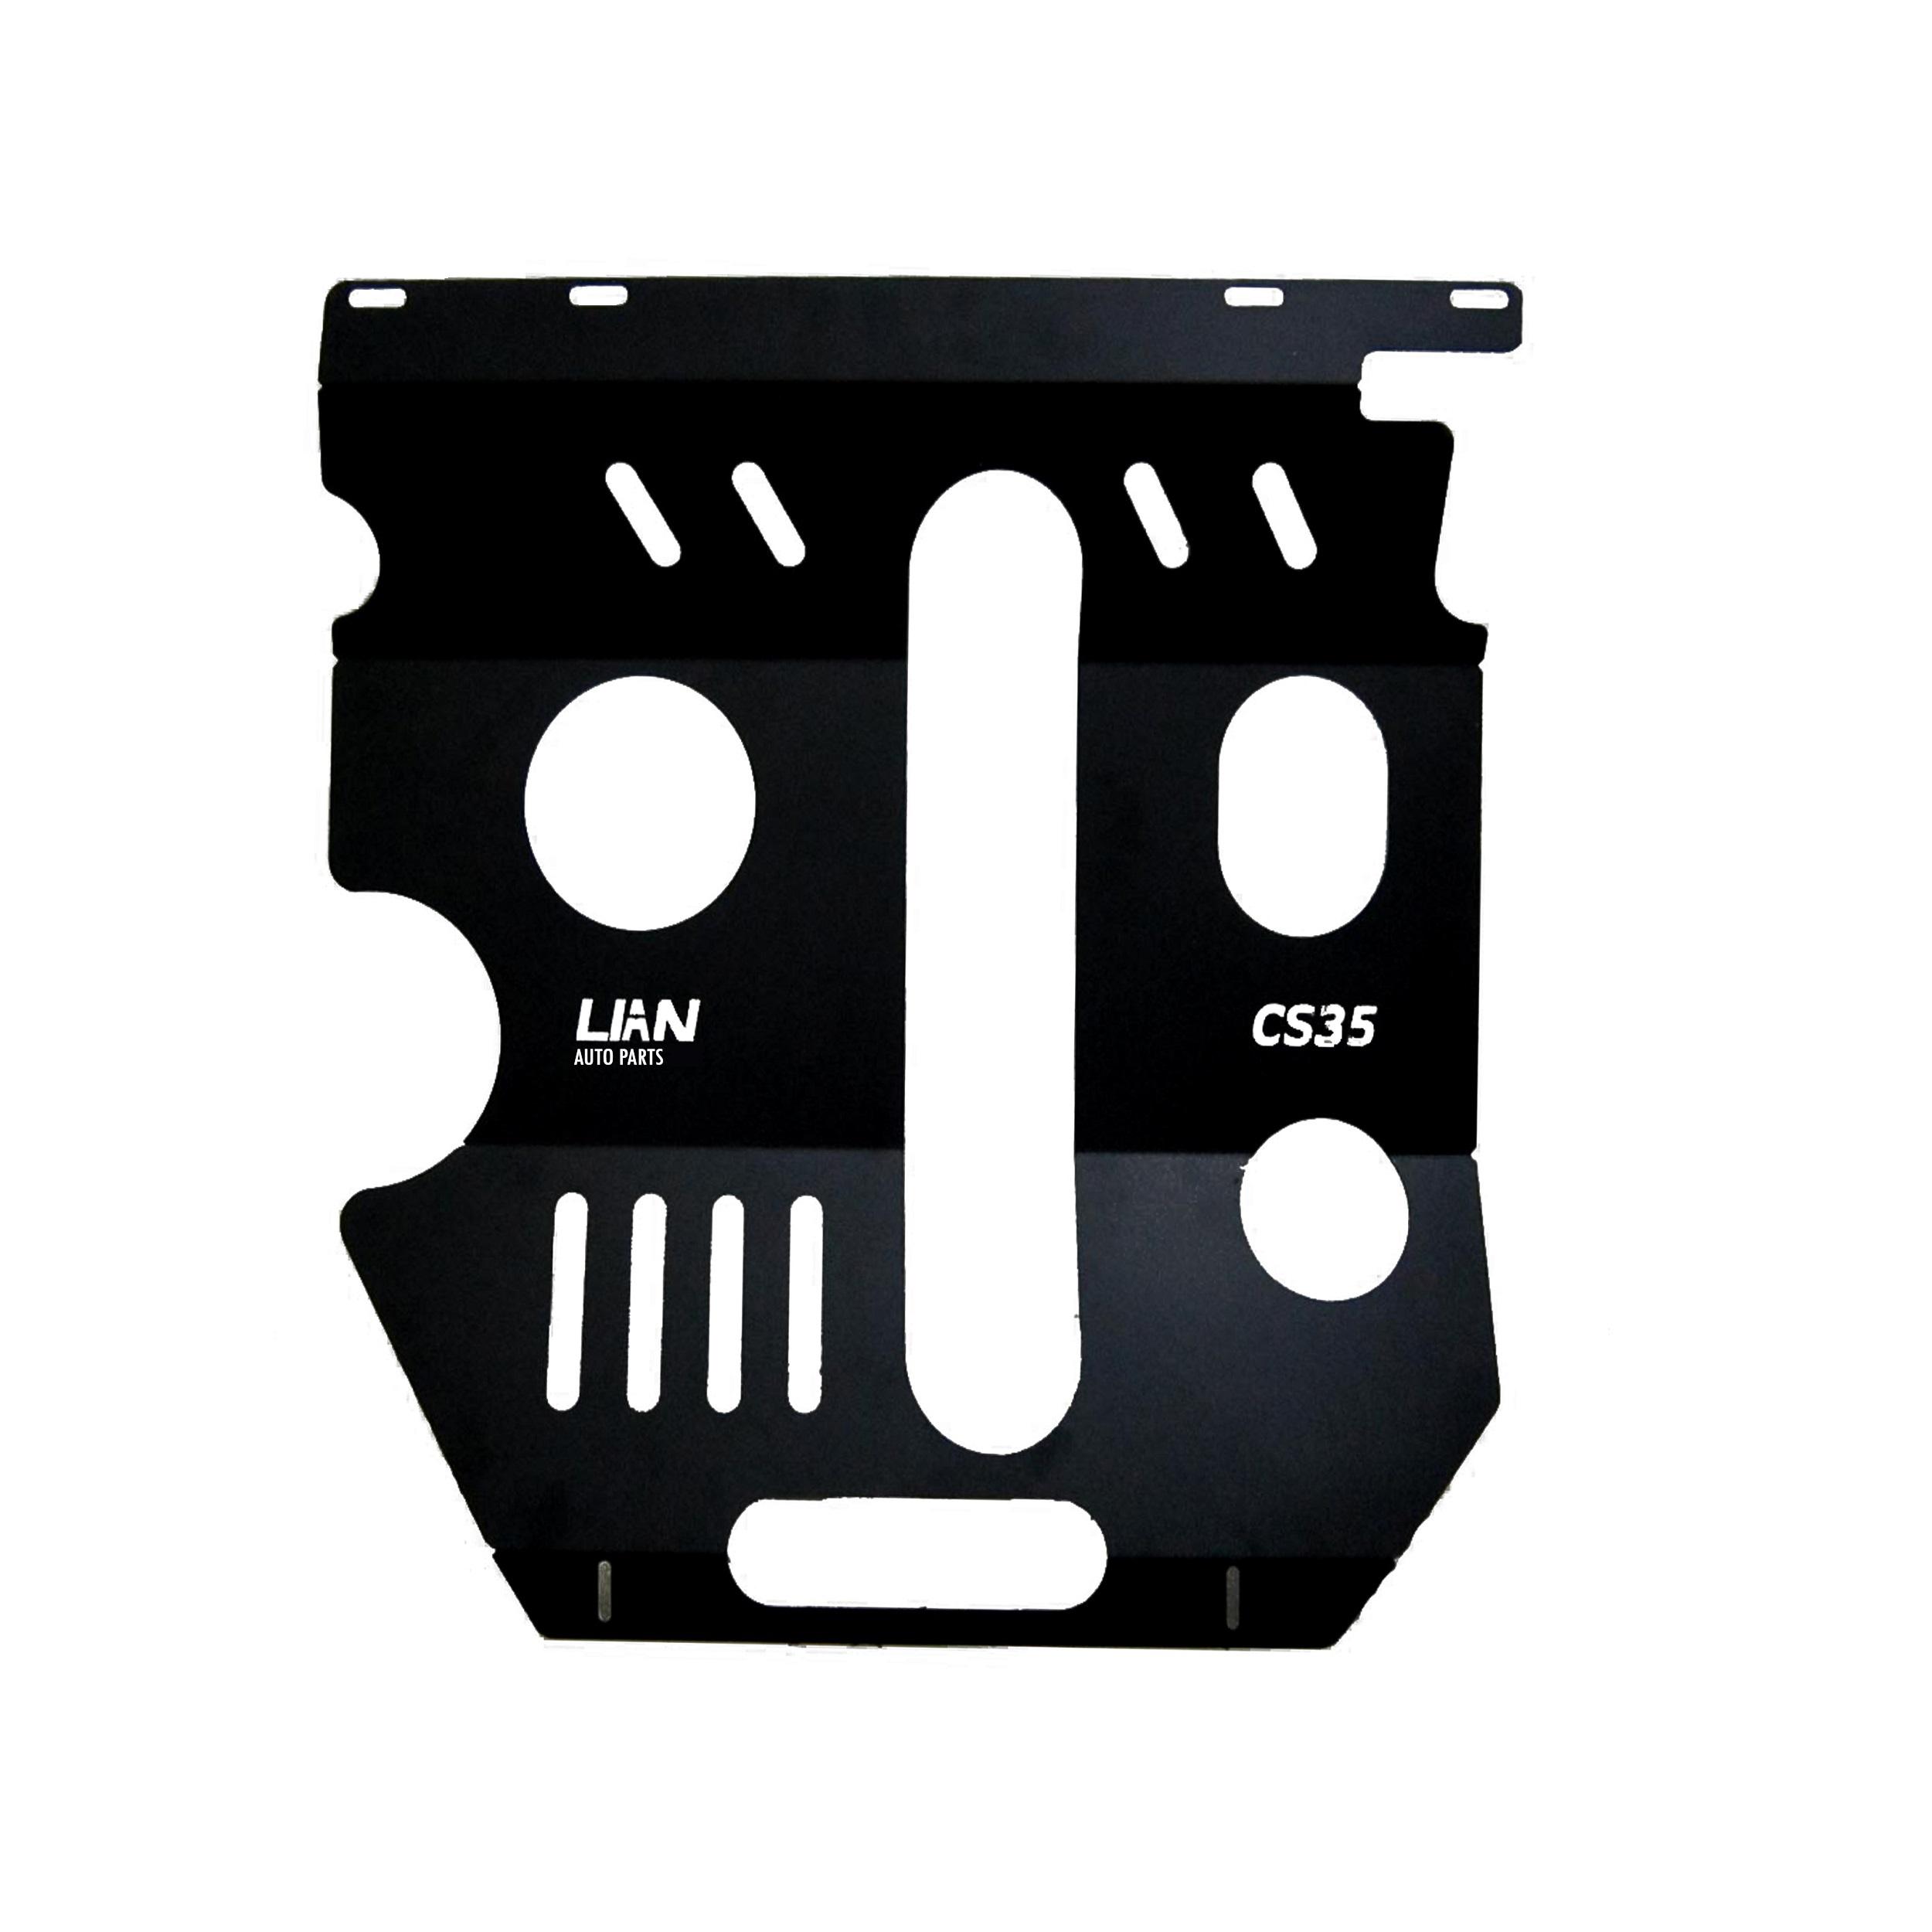 سینی زیر موتور لیان اتو پارت مدل LPCS35 مناسب برای چانگان CS35